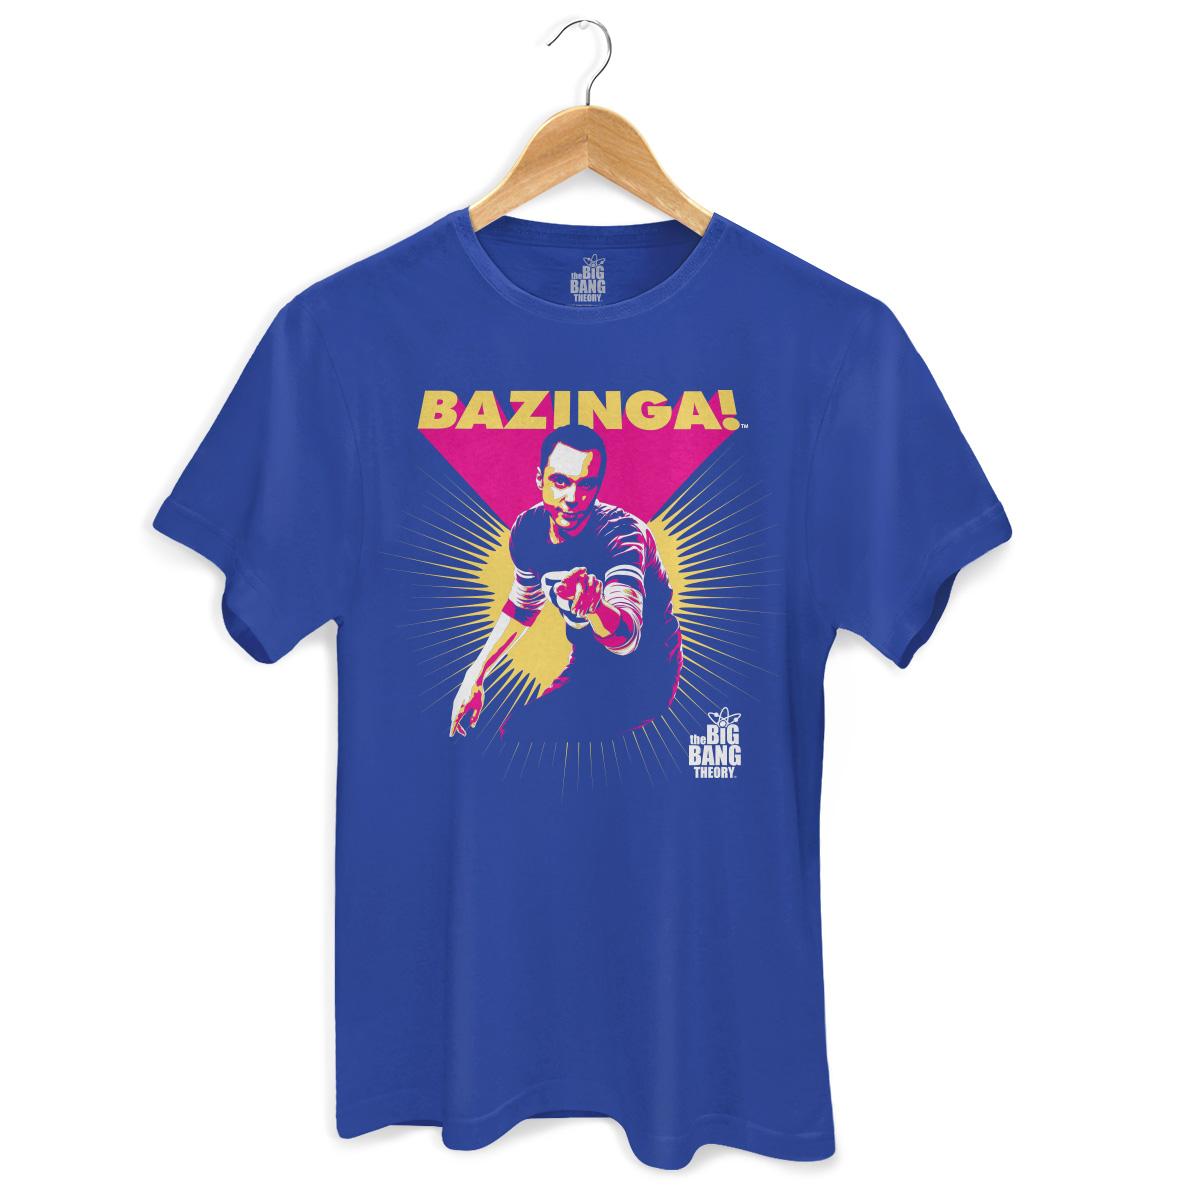 Camiseta Masculina The Big Bang Theory Bazinga!  - bandUP Store Marketplace